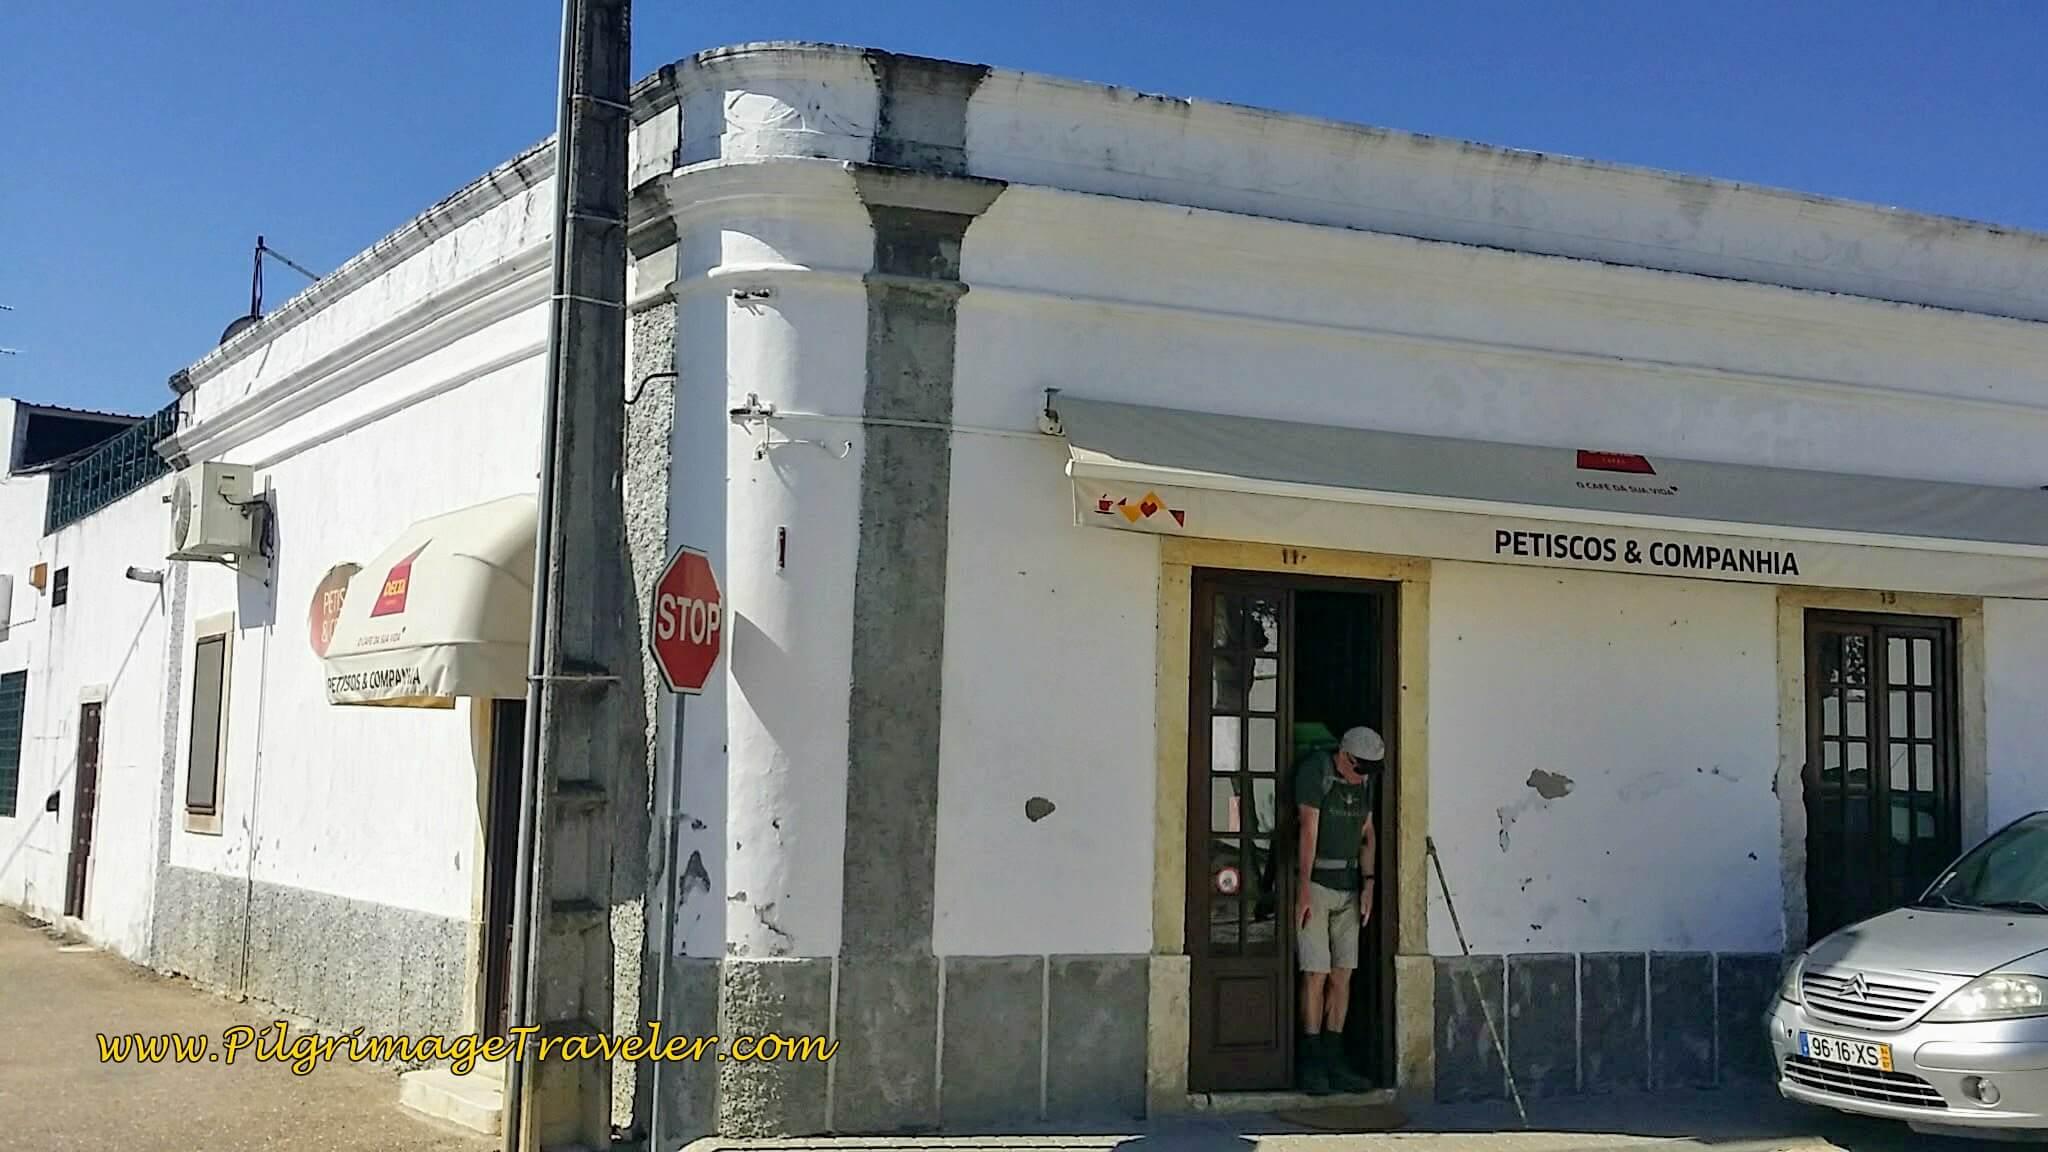 Café Petiscos and Companhia